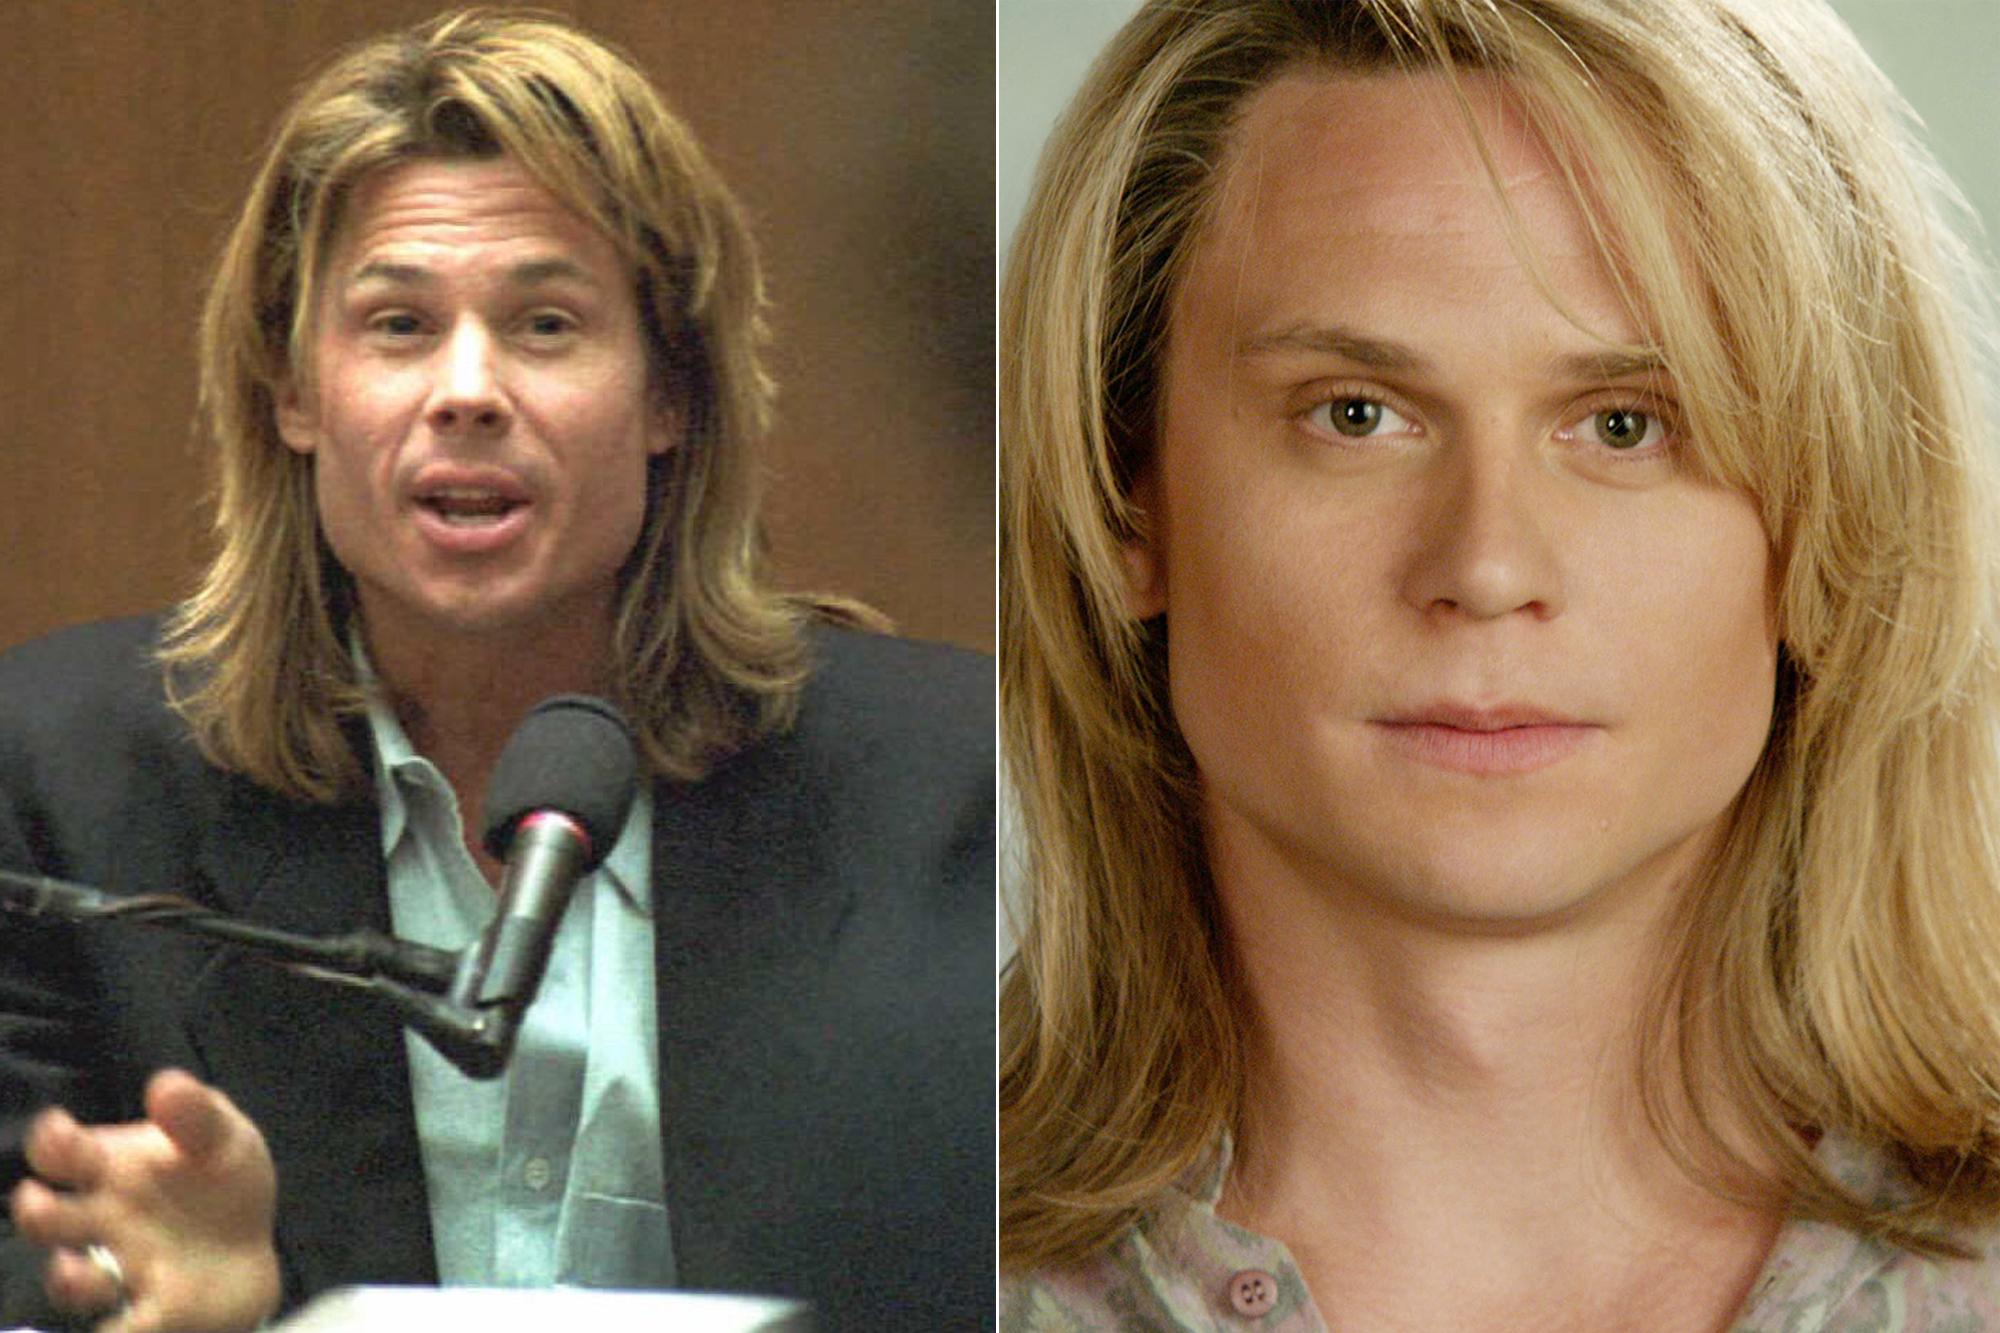 Left: Witness Kato Kaelin; Right: Billy Magnussen.